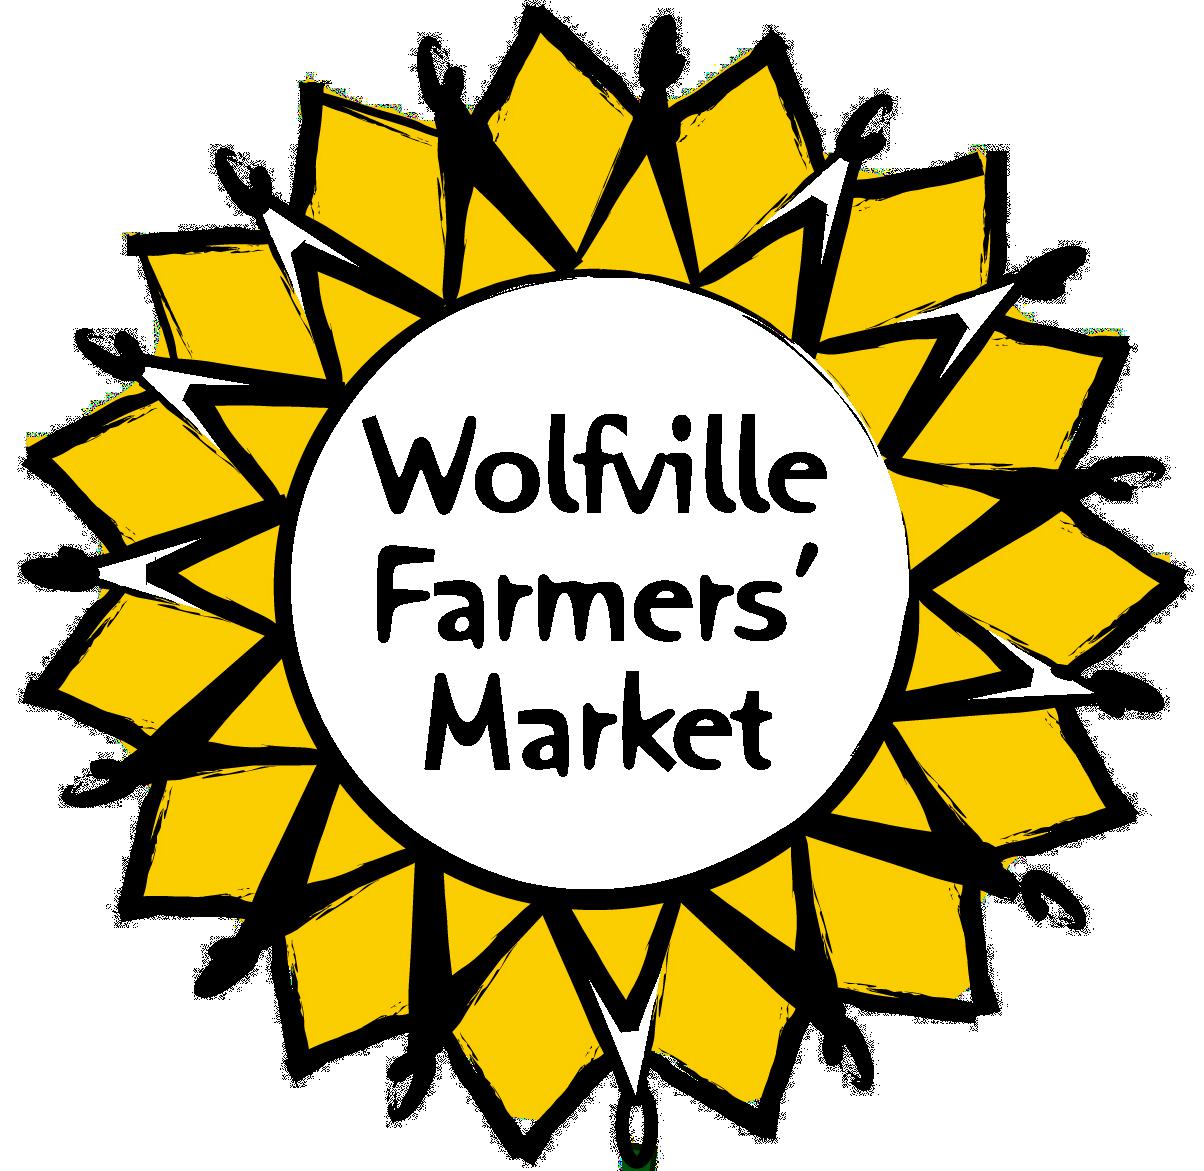 Wolfville's Farmers Market